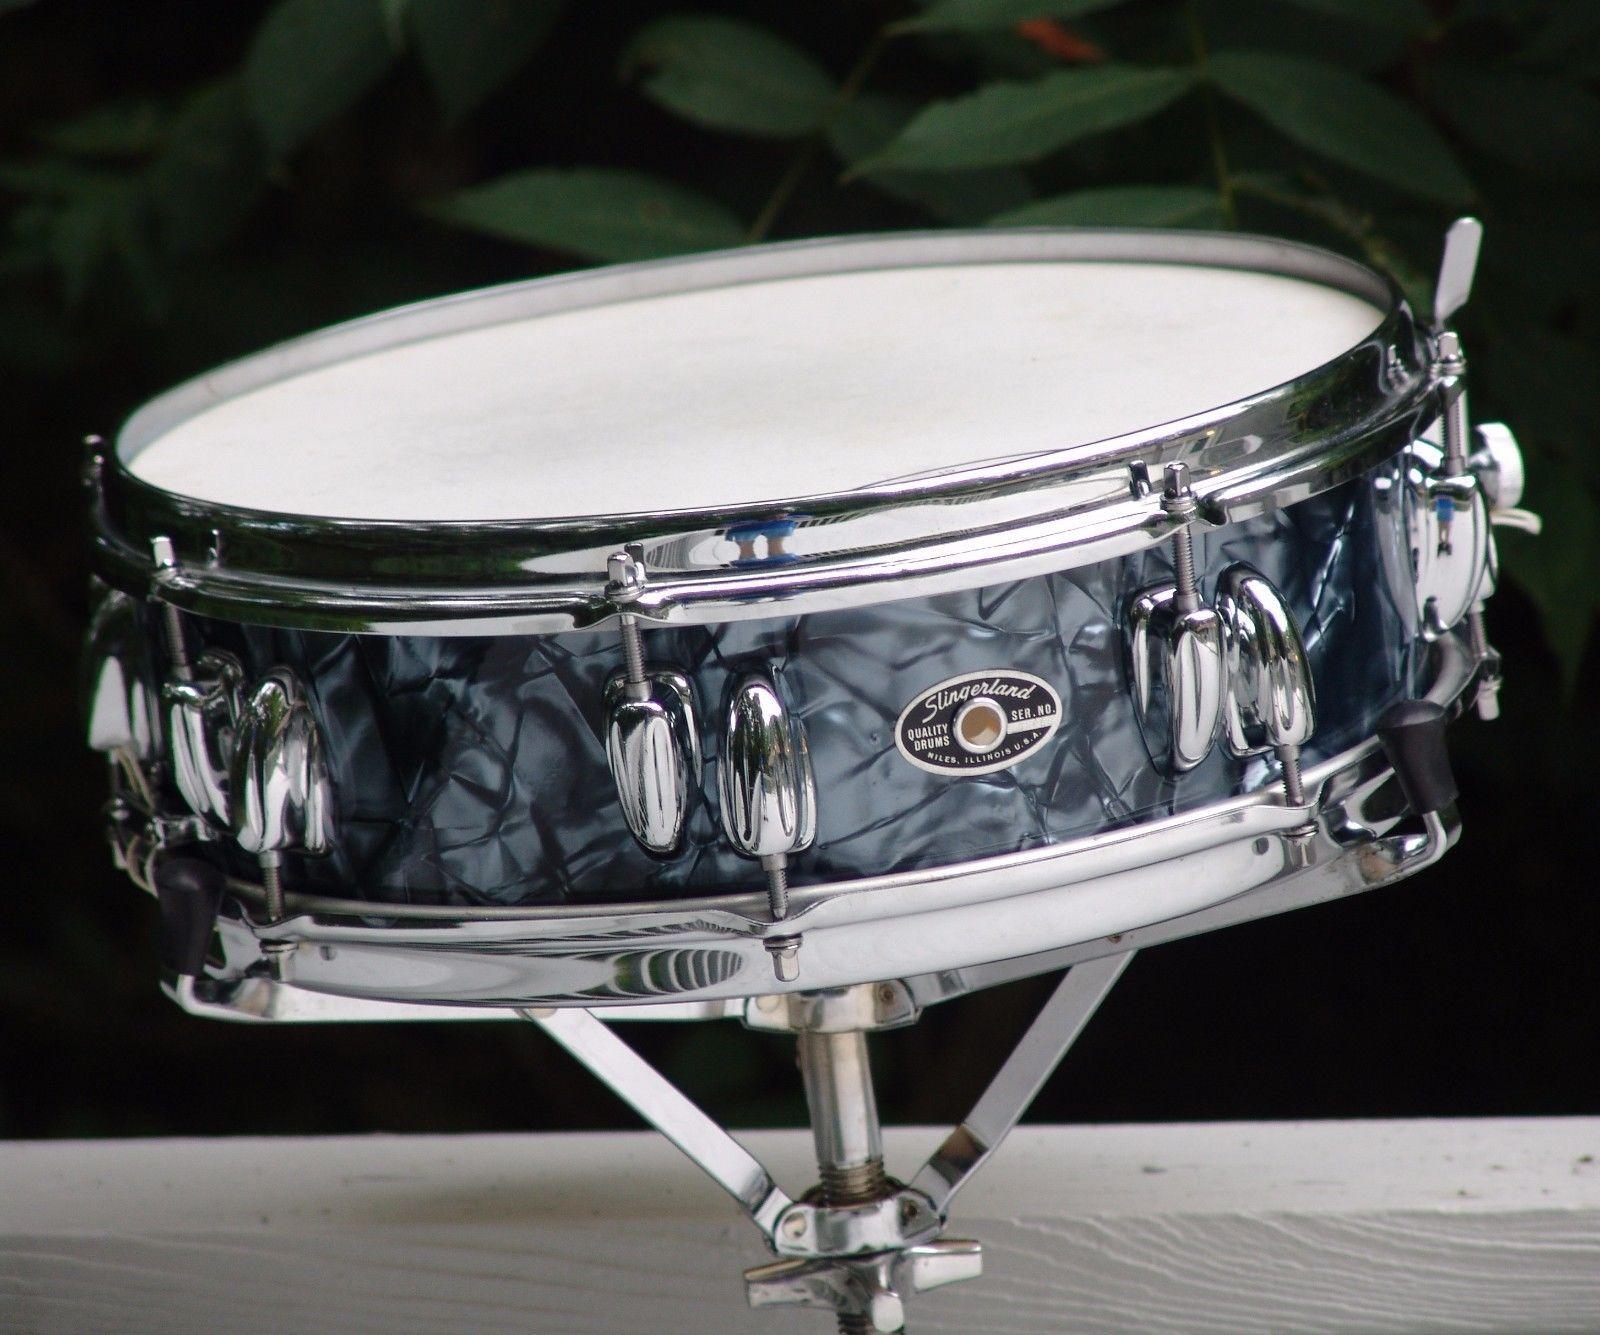 Vintage 1970s Slingerland Buddy Rich Snare Drum